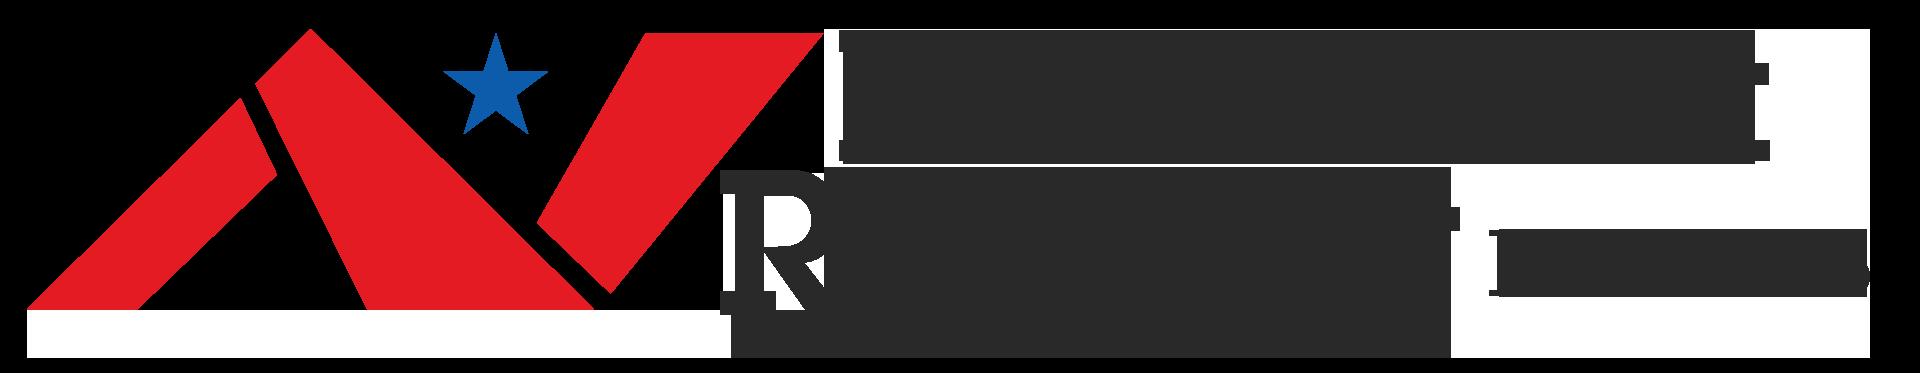 NWR-Main-Logo-web-gray.png